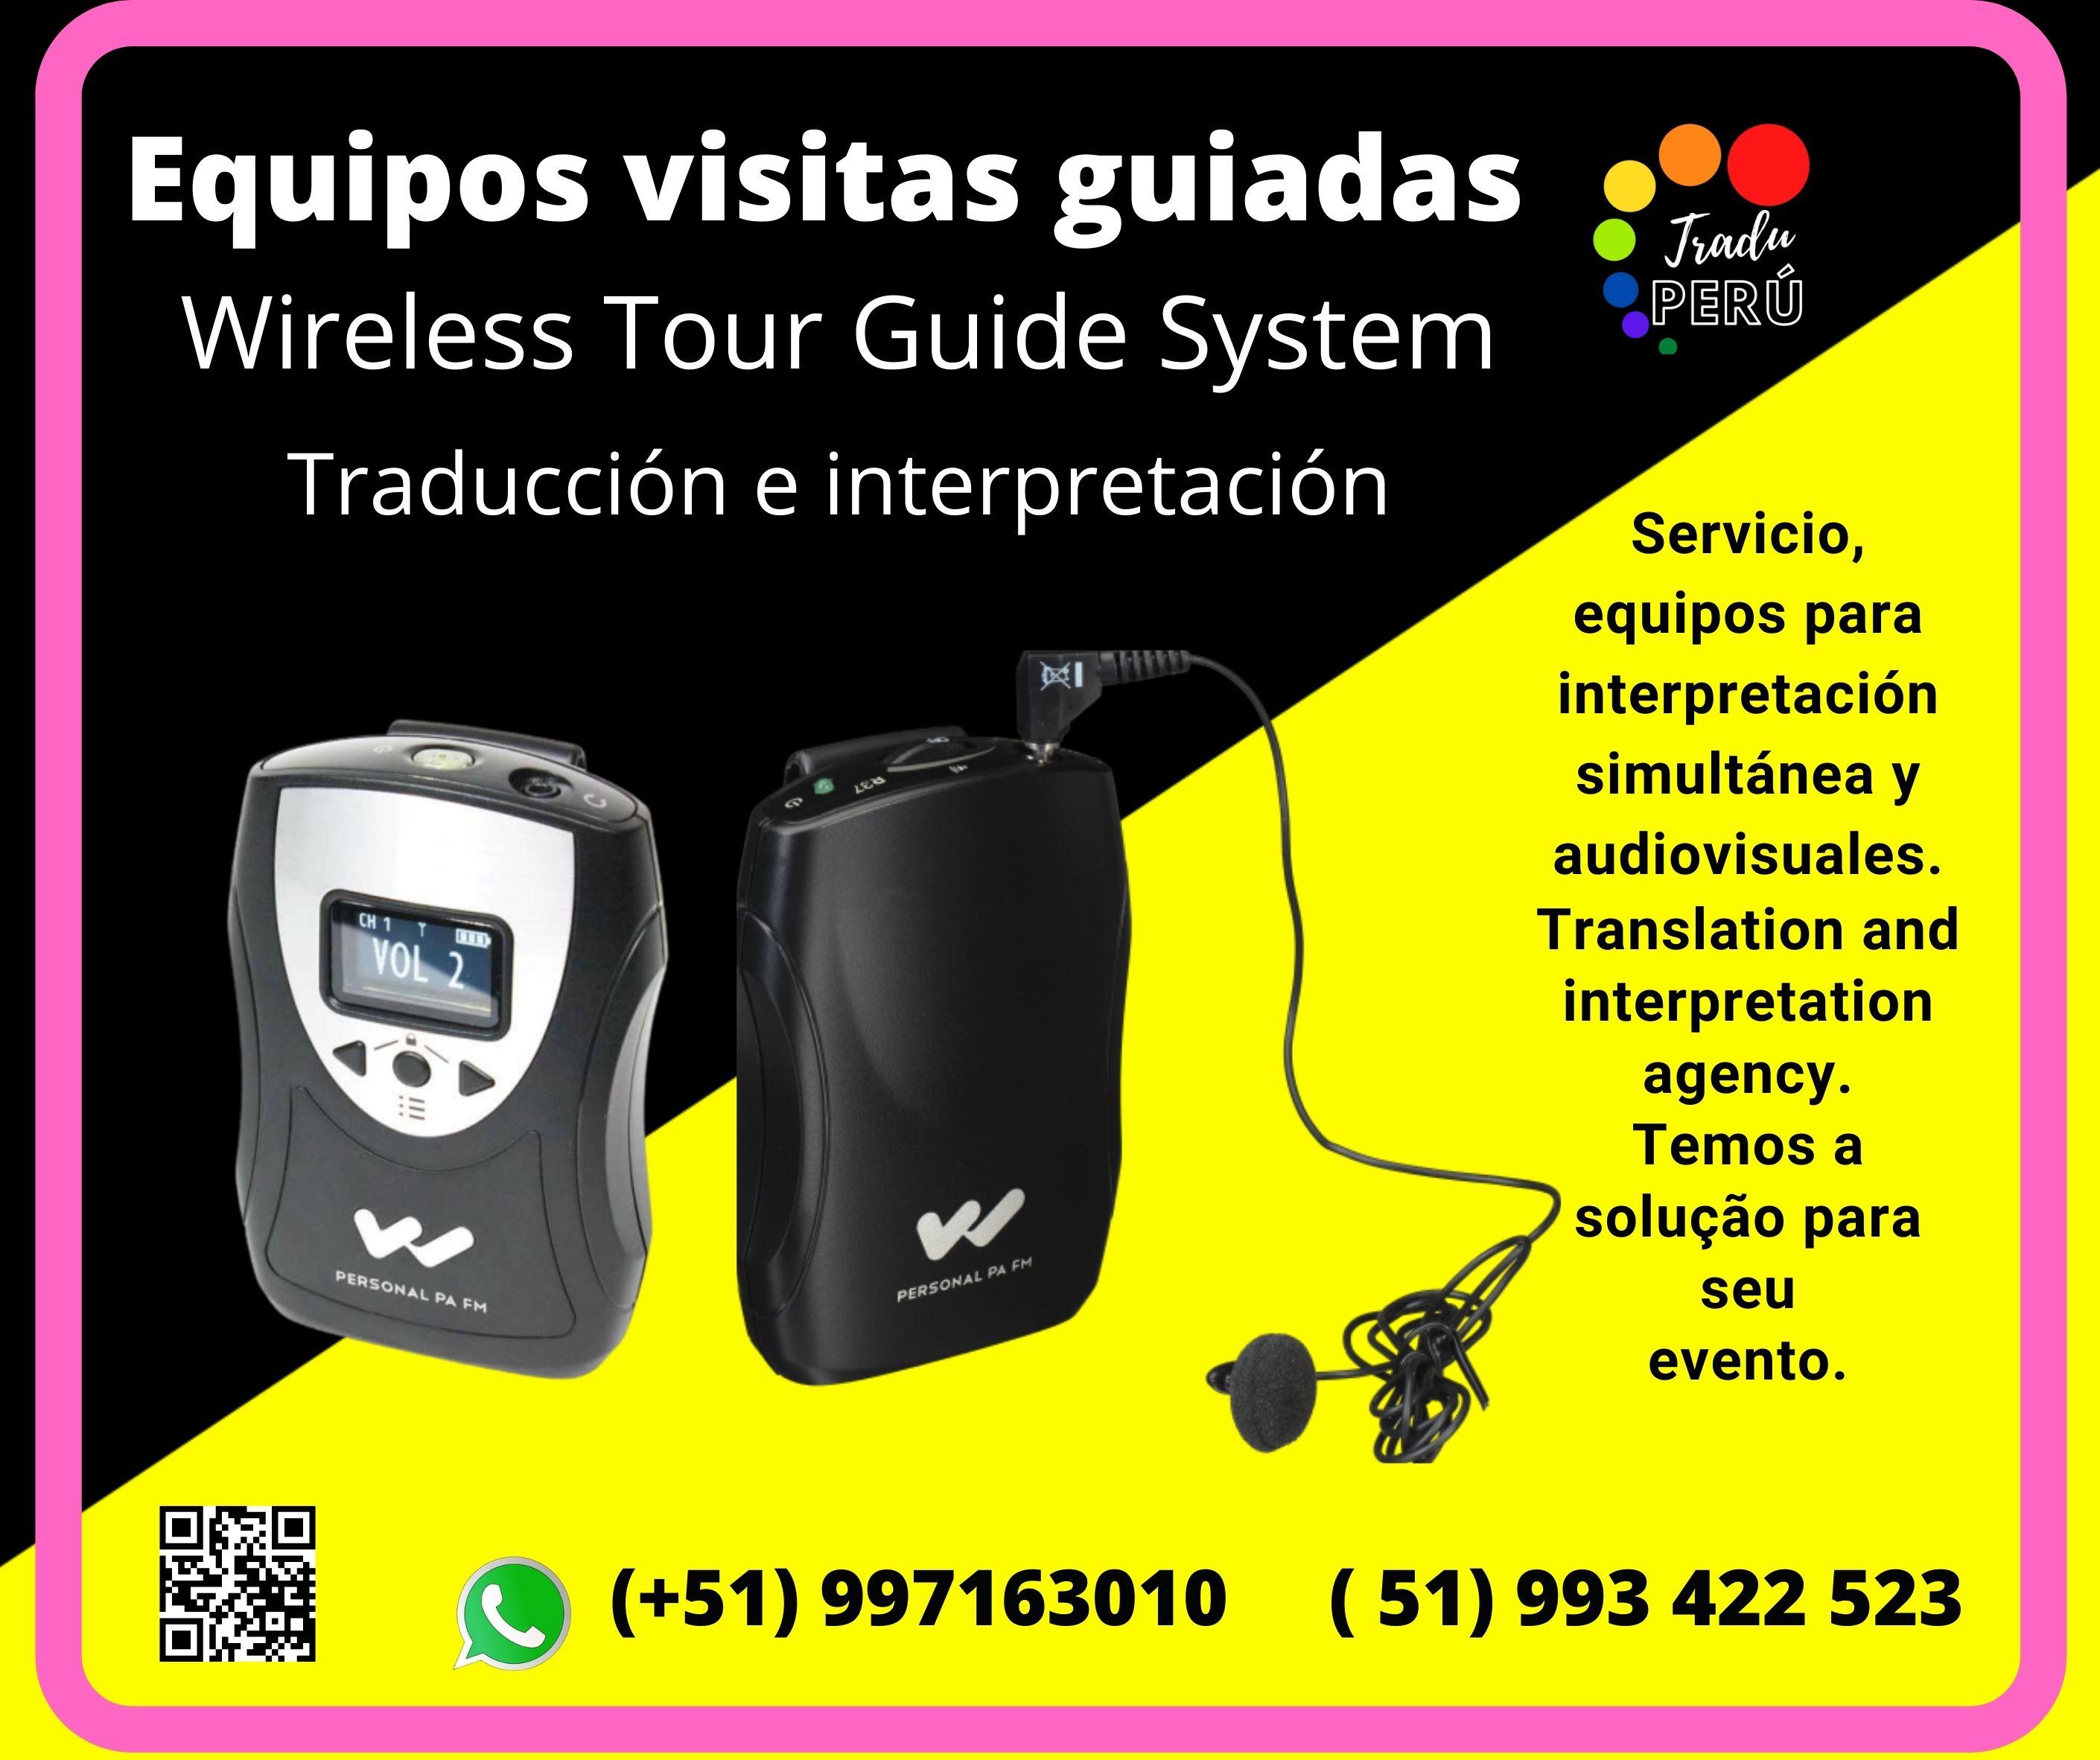 Equipos traducción simultánea  /Trujillo Lima ✅ 997163010